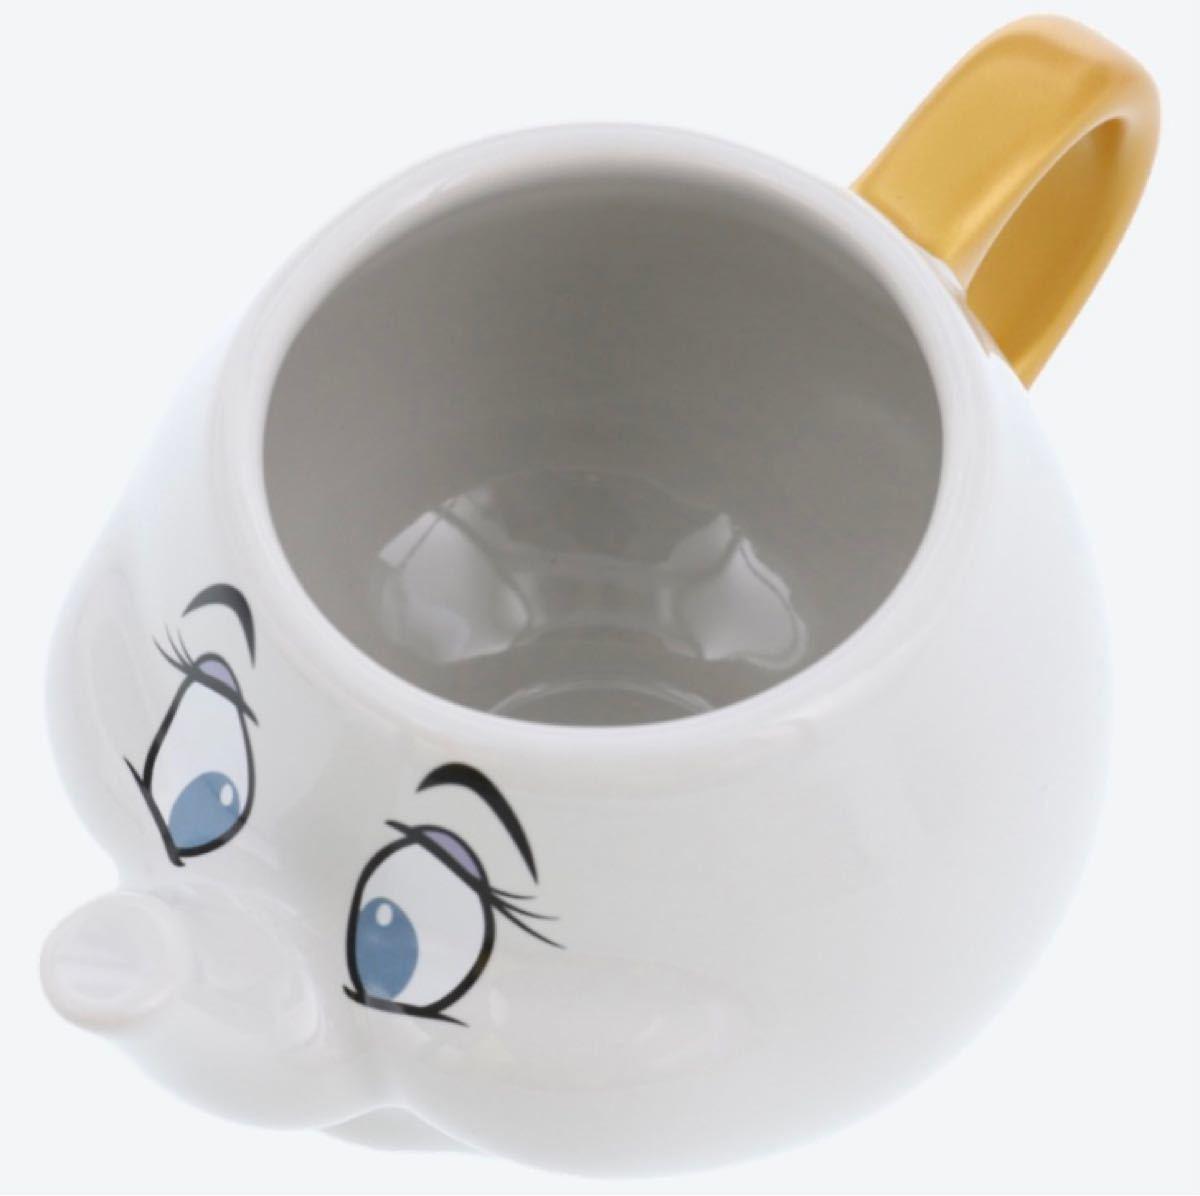 ☆新品未使用☆ 美女と野獣 ポット夫人 チップ マグカップ